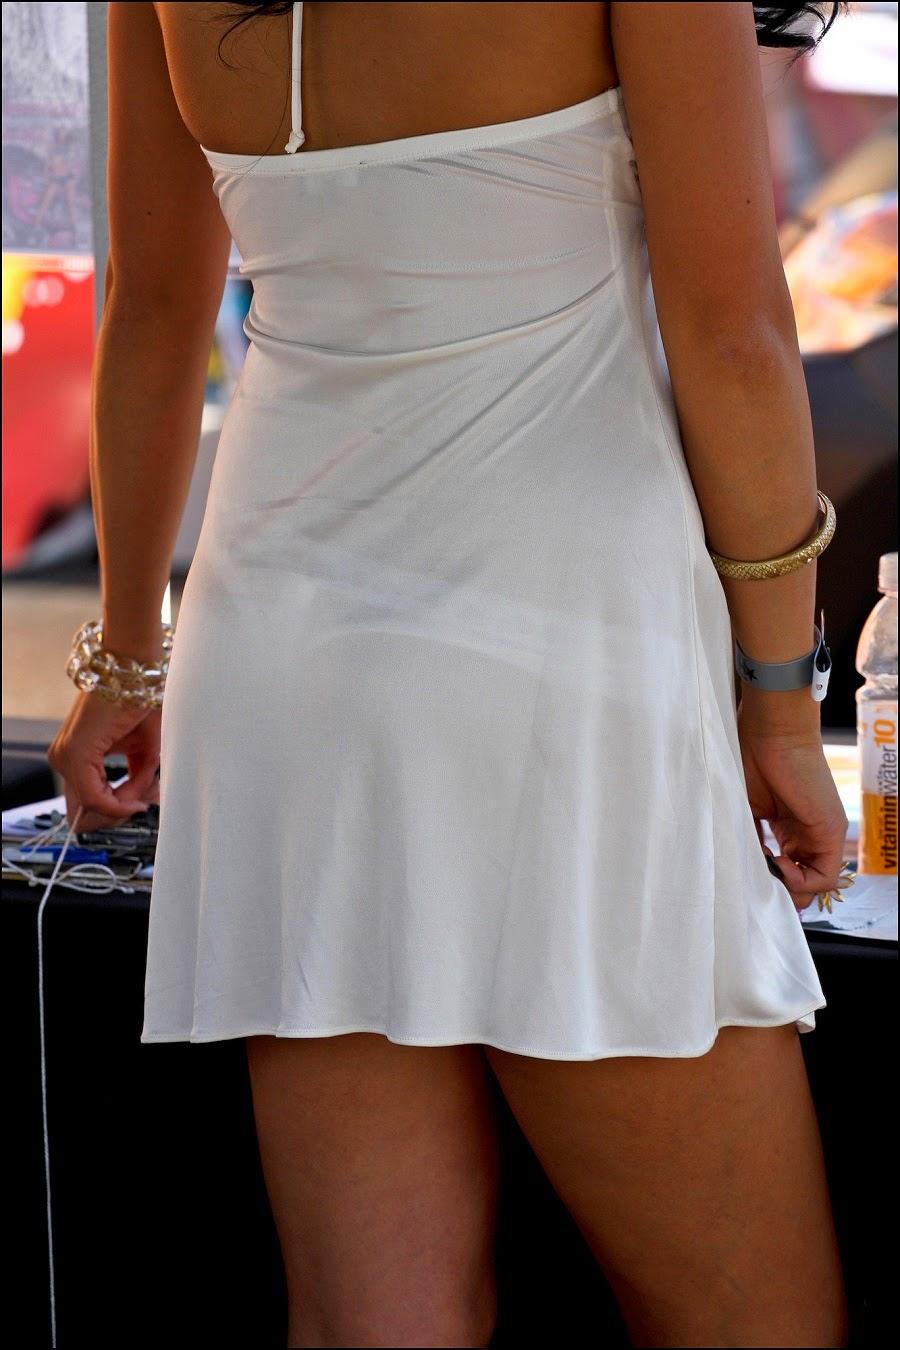 Chica linda de piernas cruzadas i - 3 2